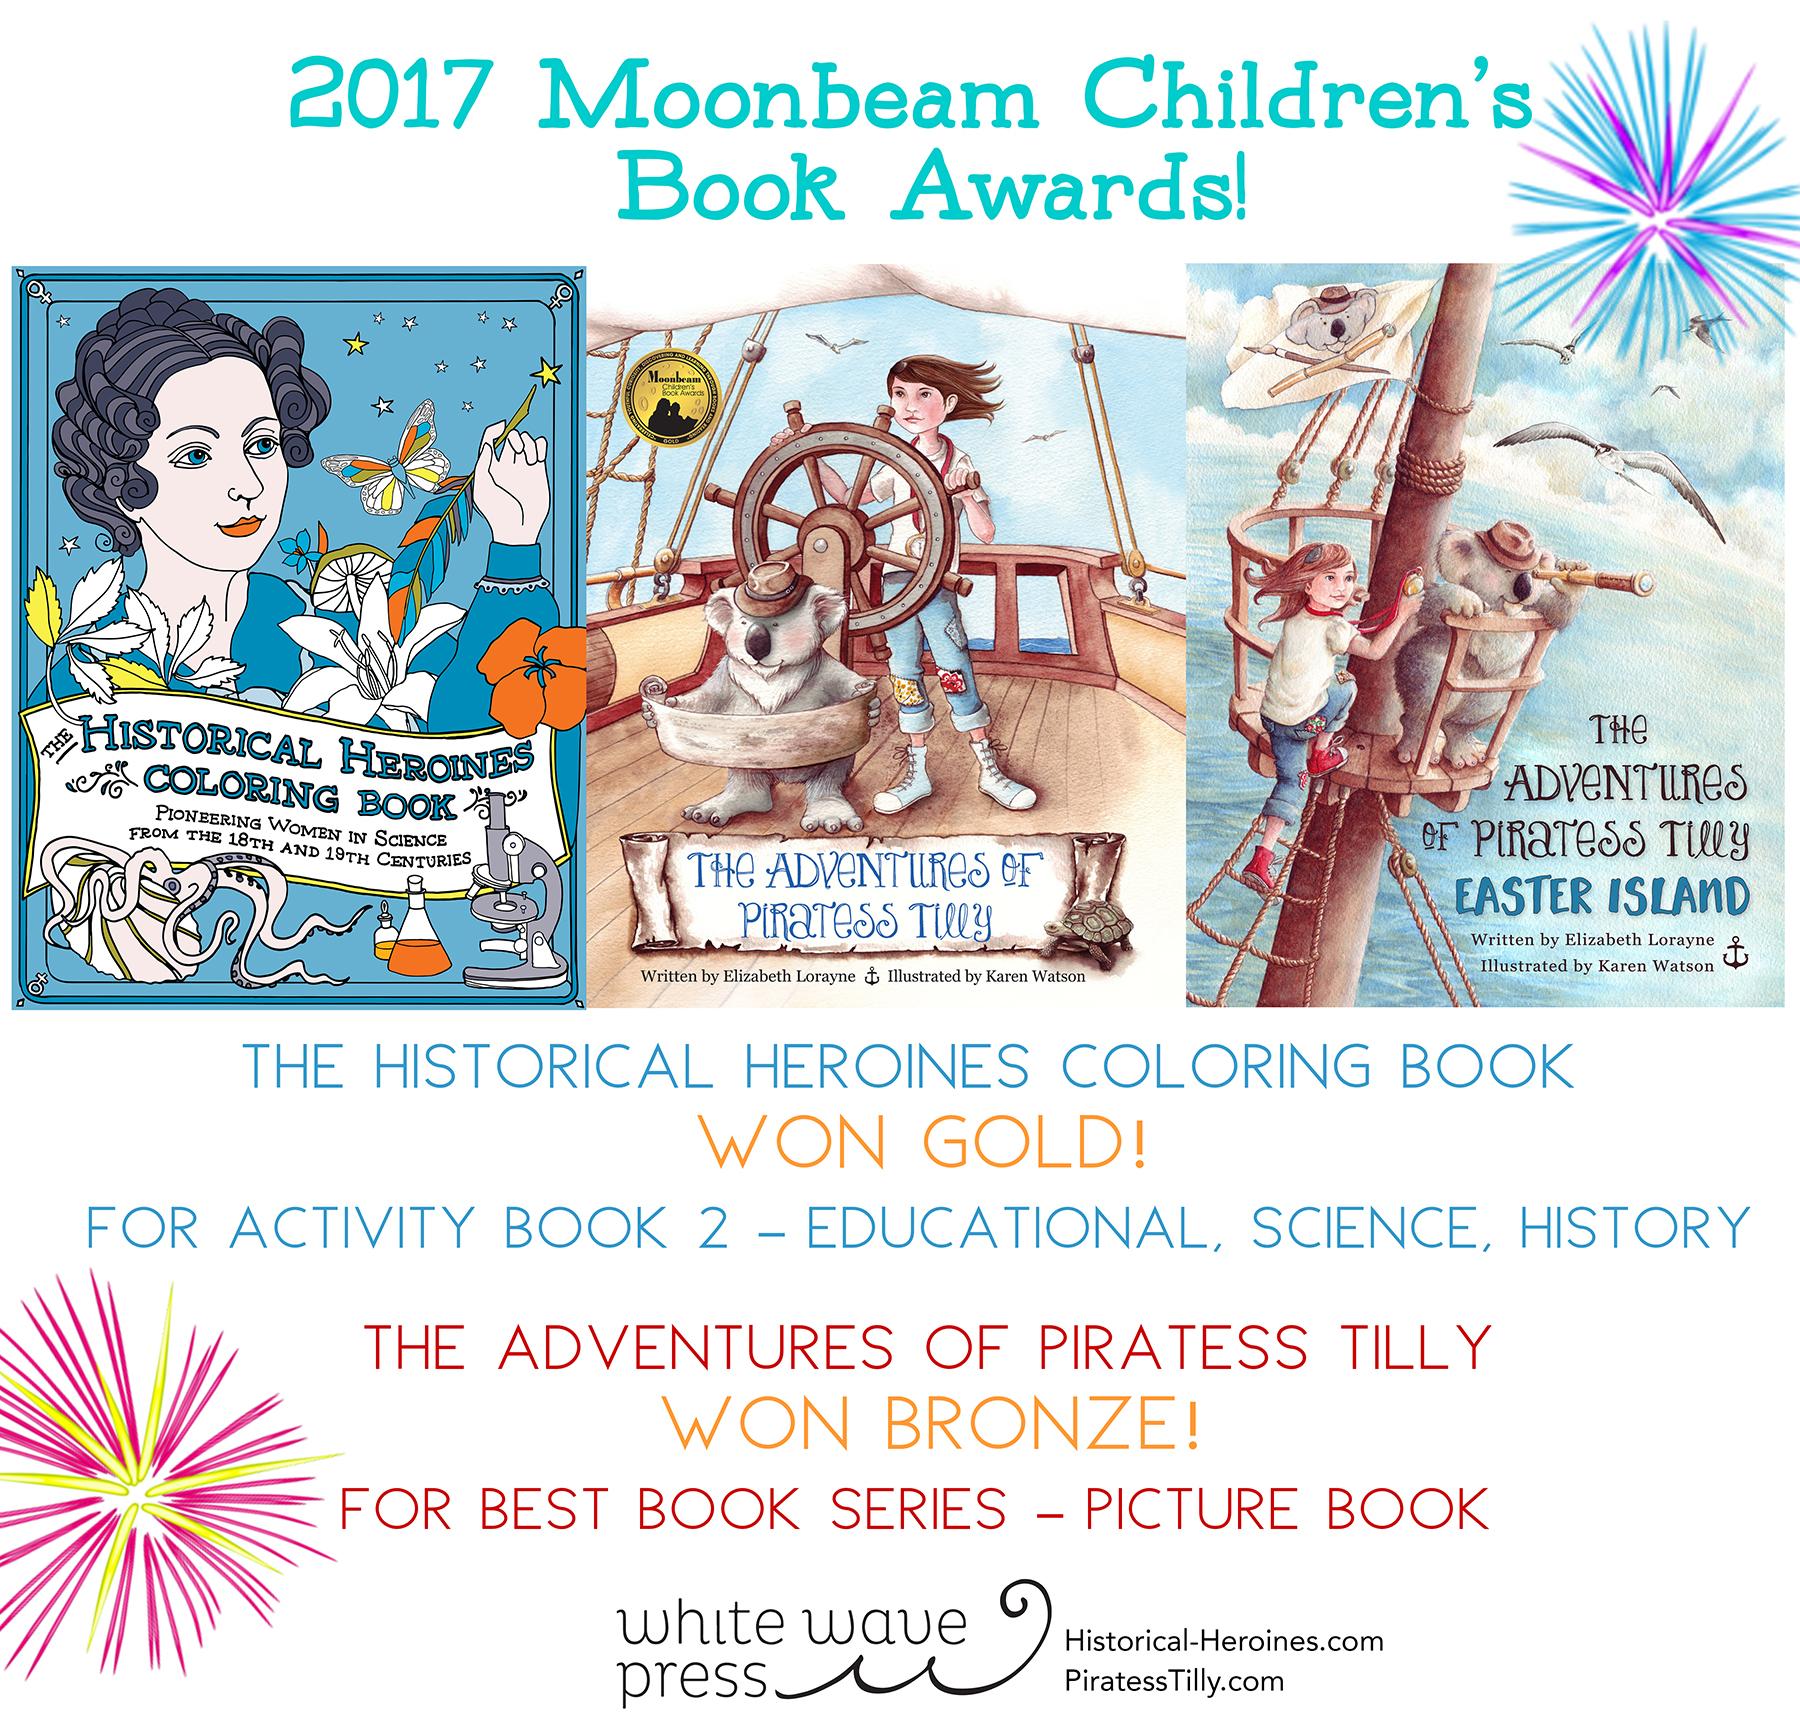 Moonbeam Awards 2017.jpg